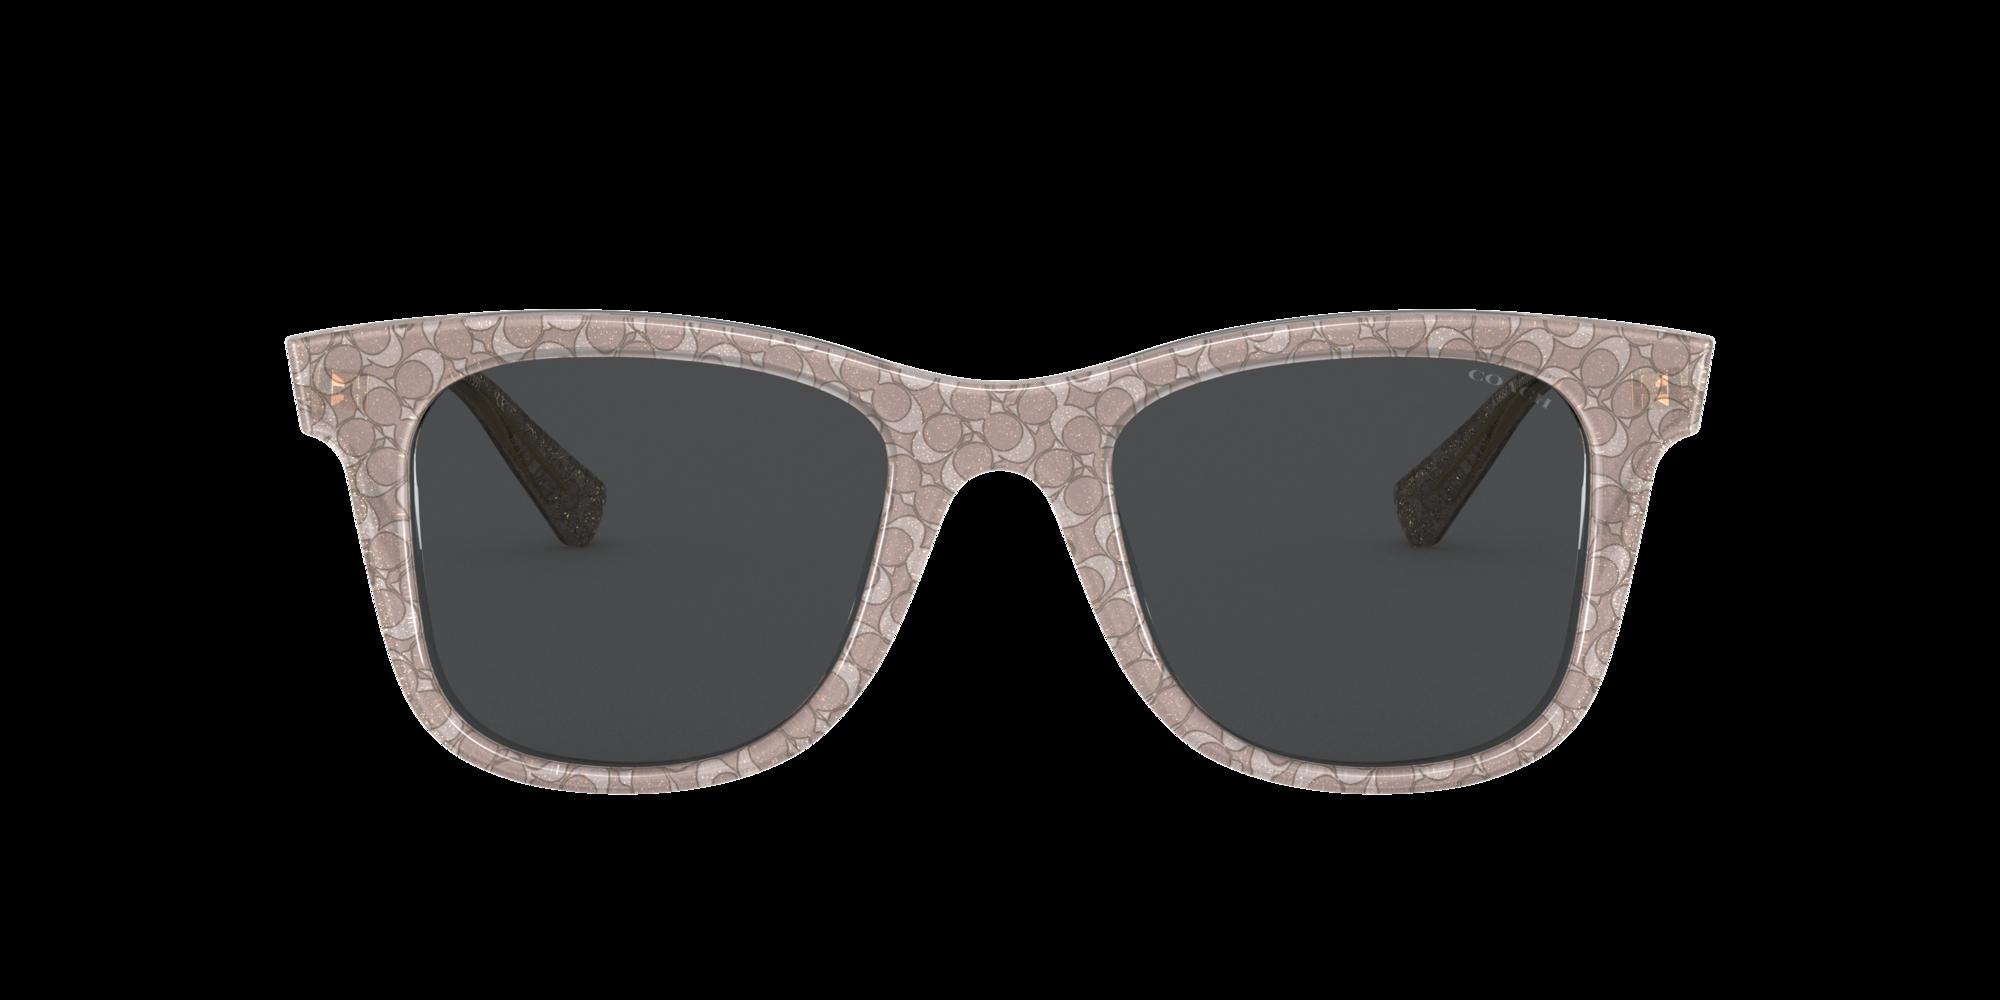 Imagen para HC8290 50 L1135 de LensCrafters |  Espejuelos, espejuelos graduados en línea, gafas